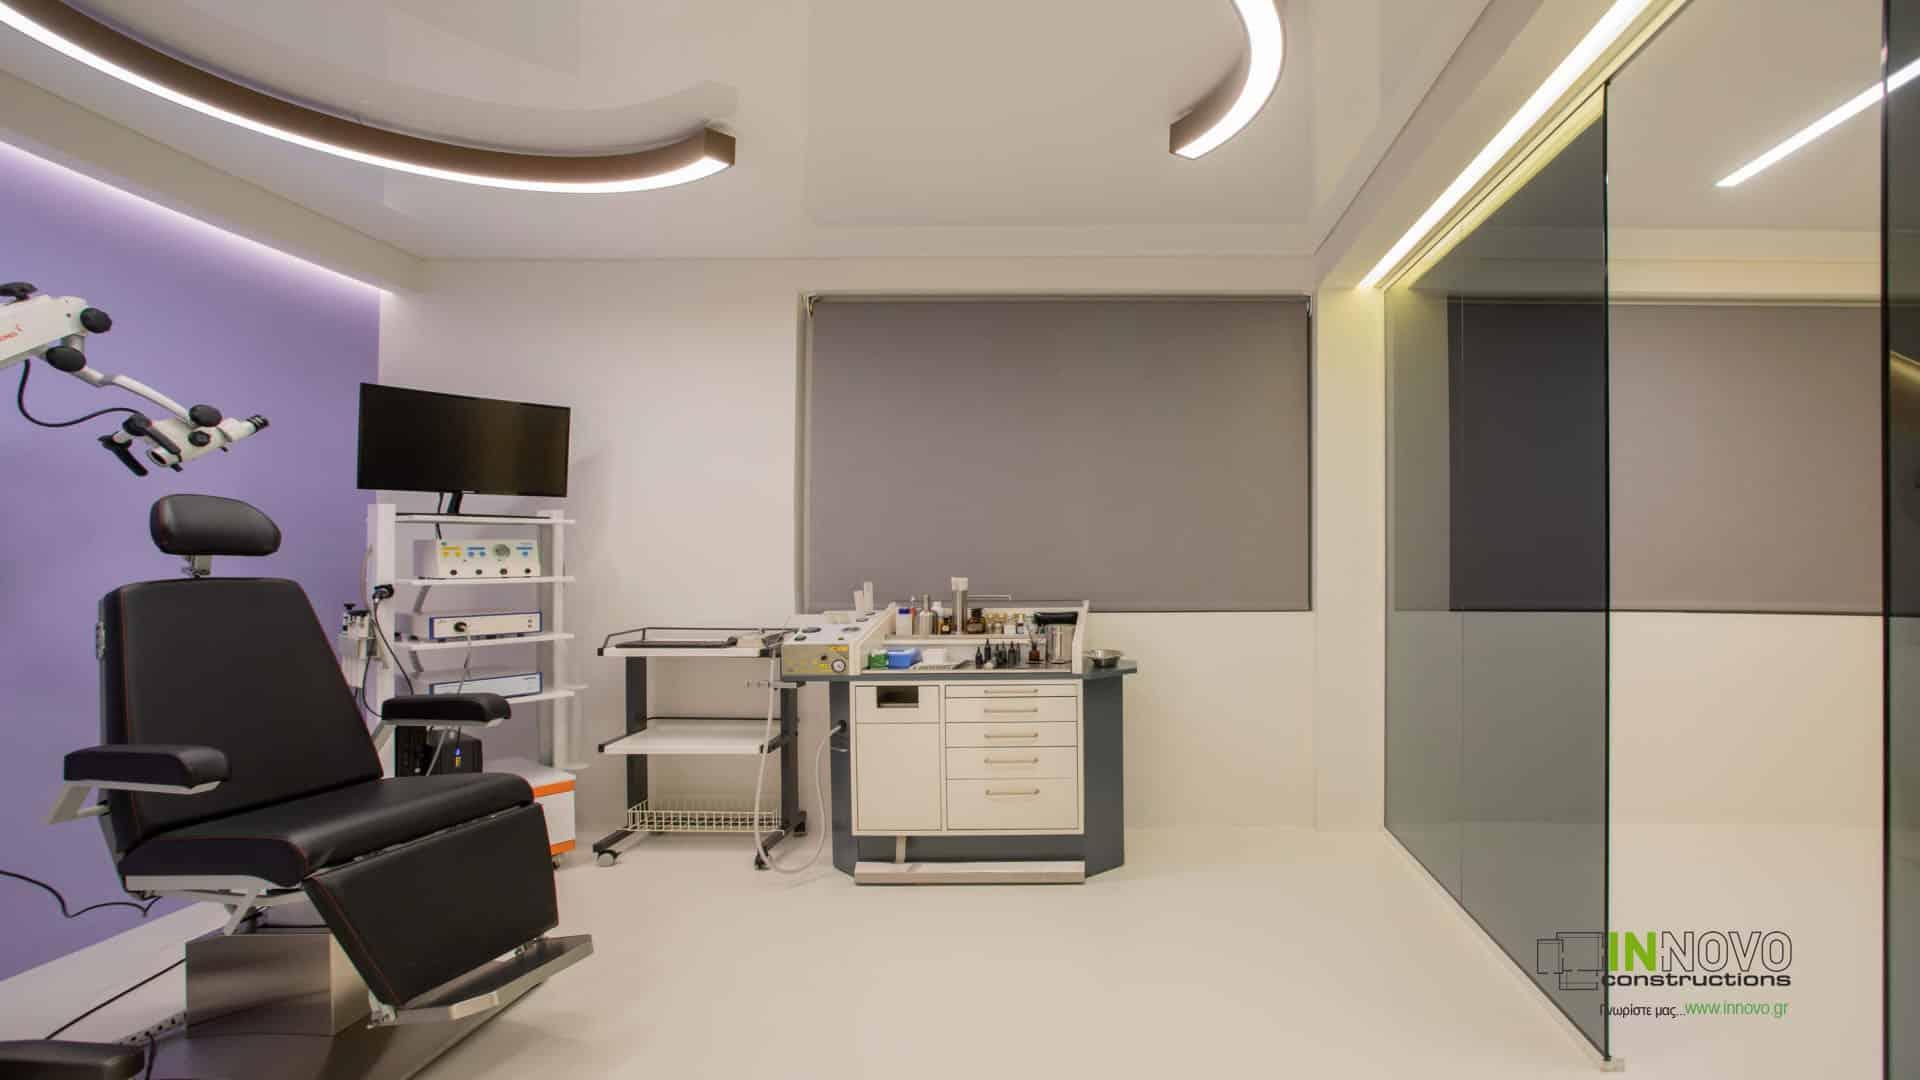 2607-κατασκευη-ωρλ-παλληνh-otolaryngologist-clinic-construstion-24